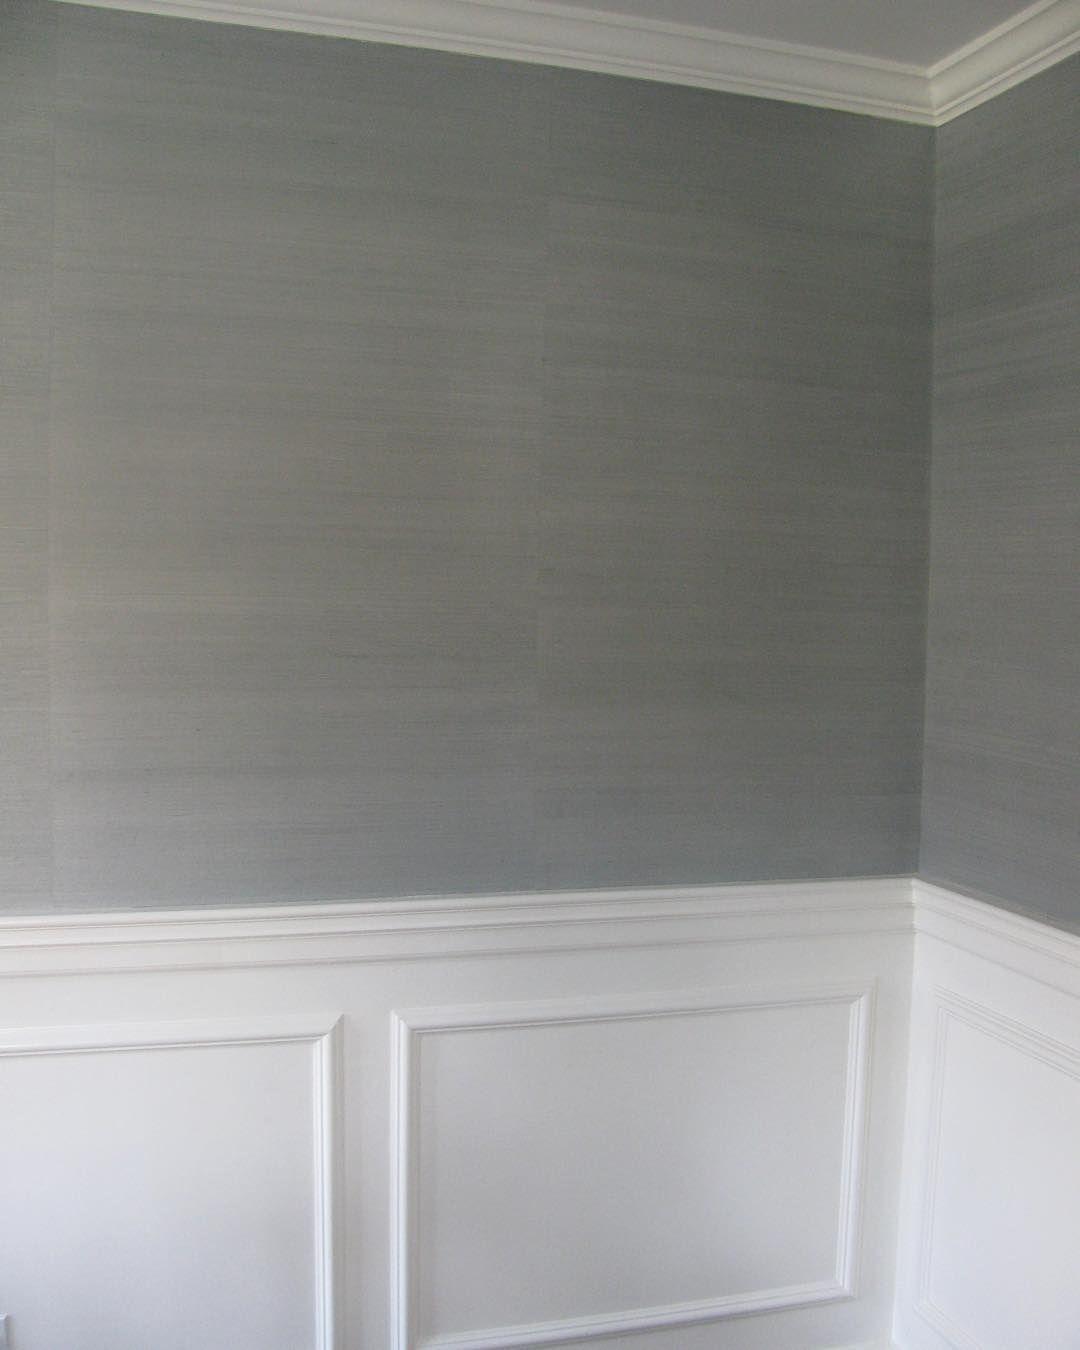 Grasscloth Wallpaper Ideas: €�Dinning Room Grasscloth Wallpaper @thibaut_1886 Shang